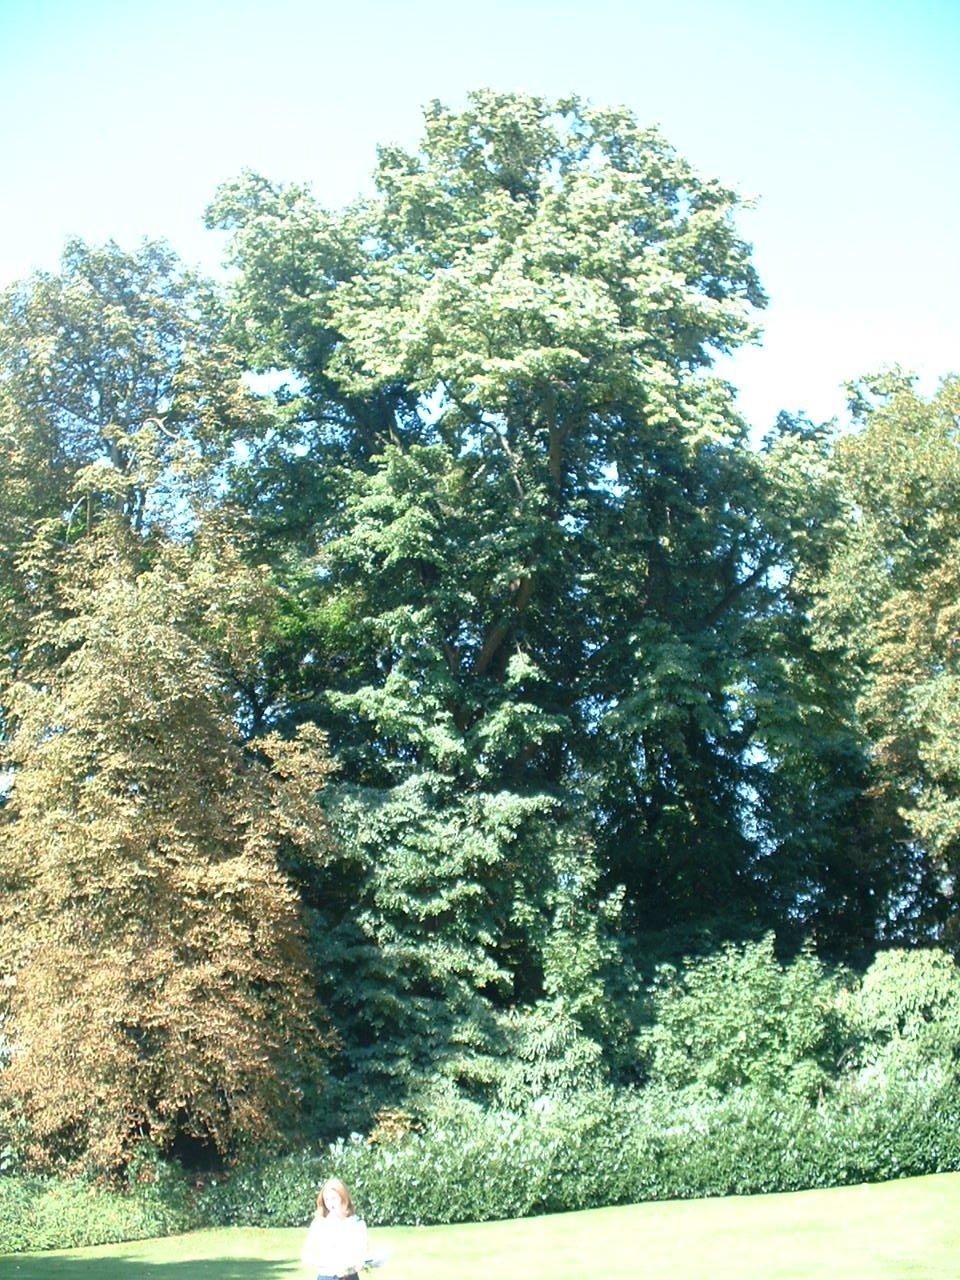 Tilleul argenté – Auderghem, Parc du château Sainte Anne, Rue du Vieux Moulin, 103 –  30 Août 2005